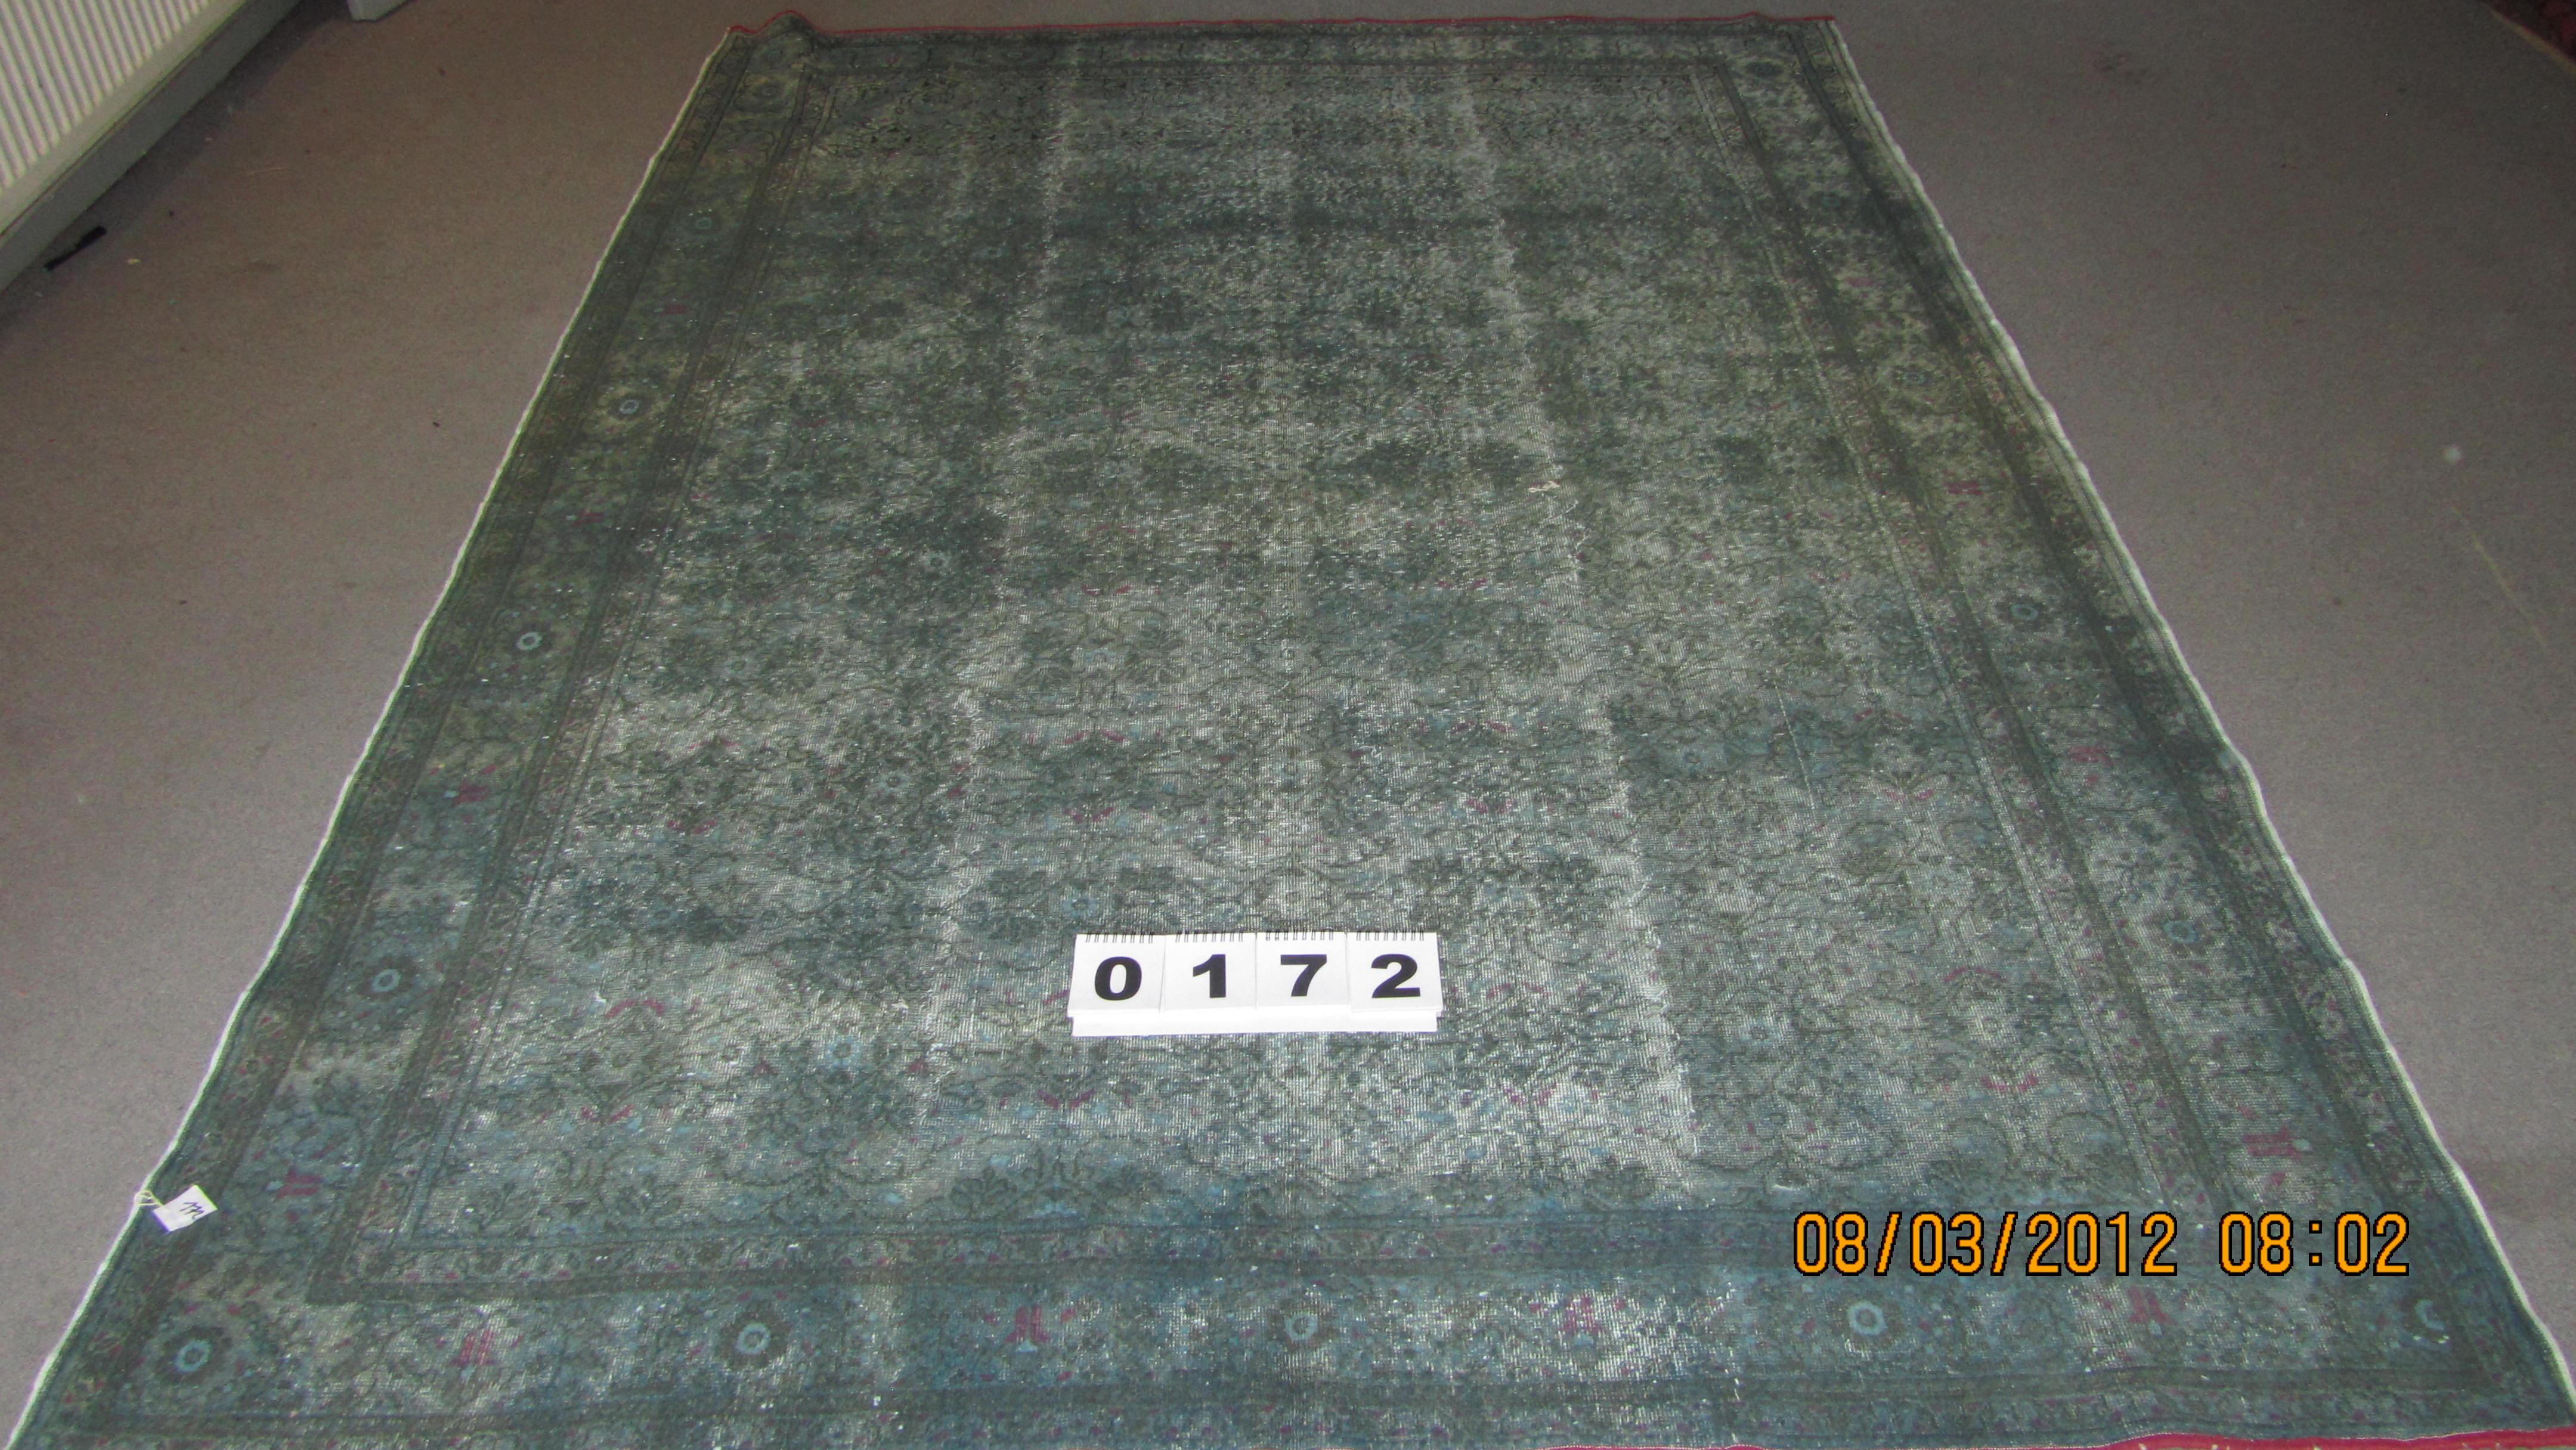 Petrol tapijt 172 (280cm x 196cm)